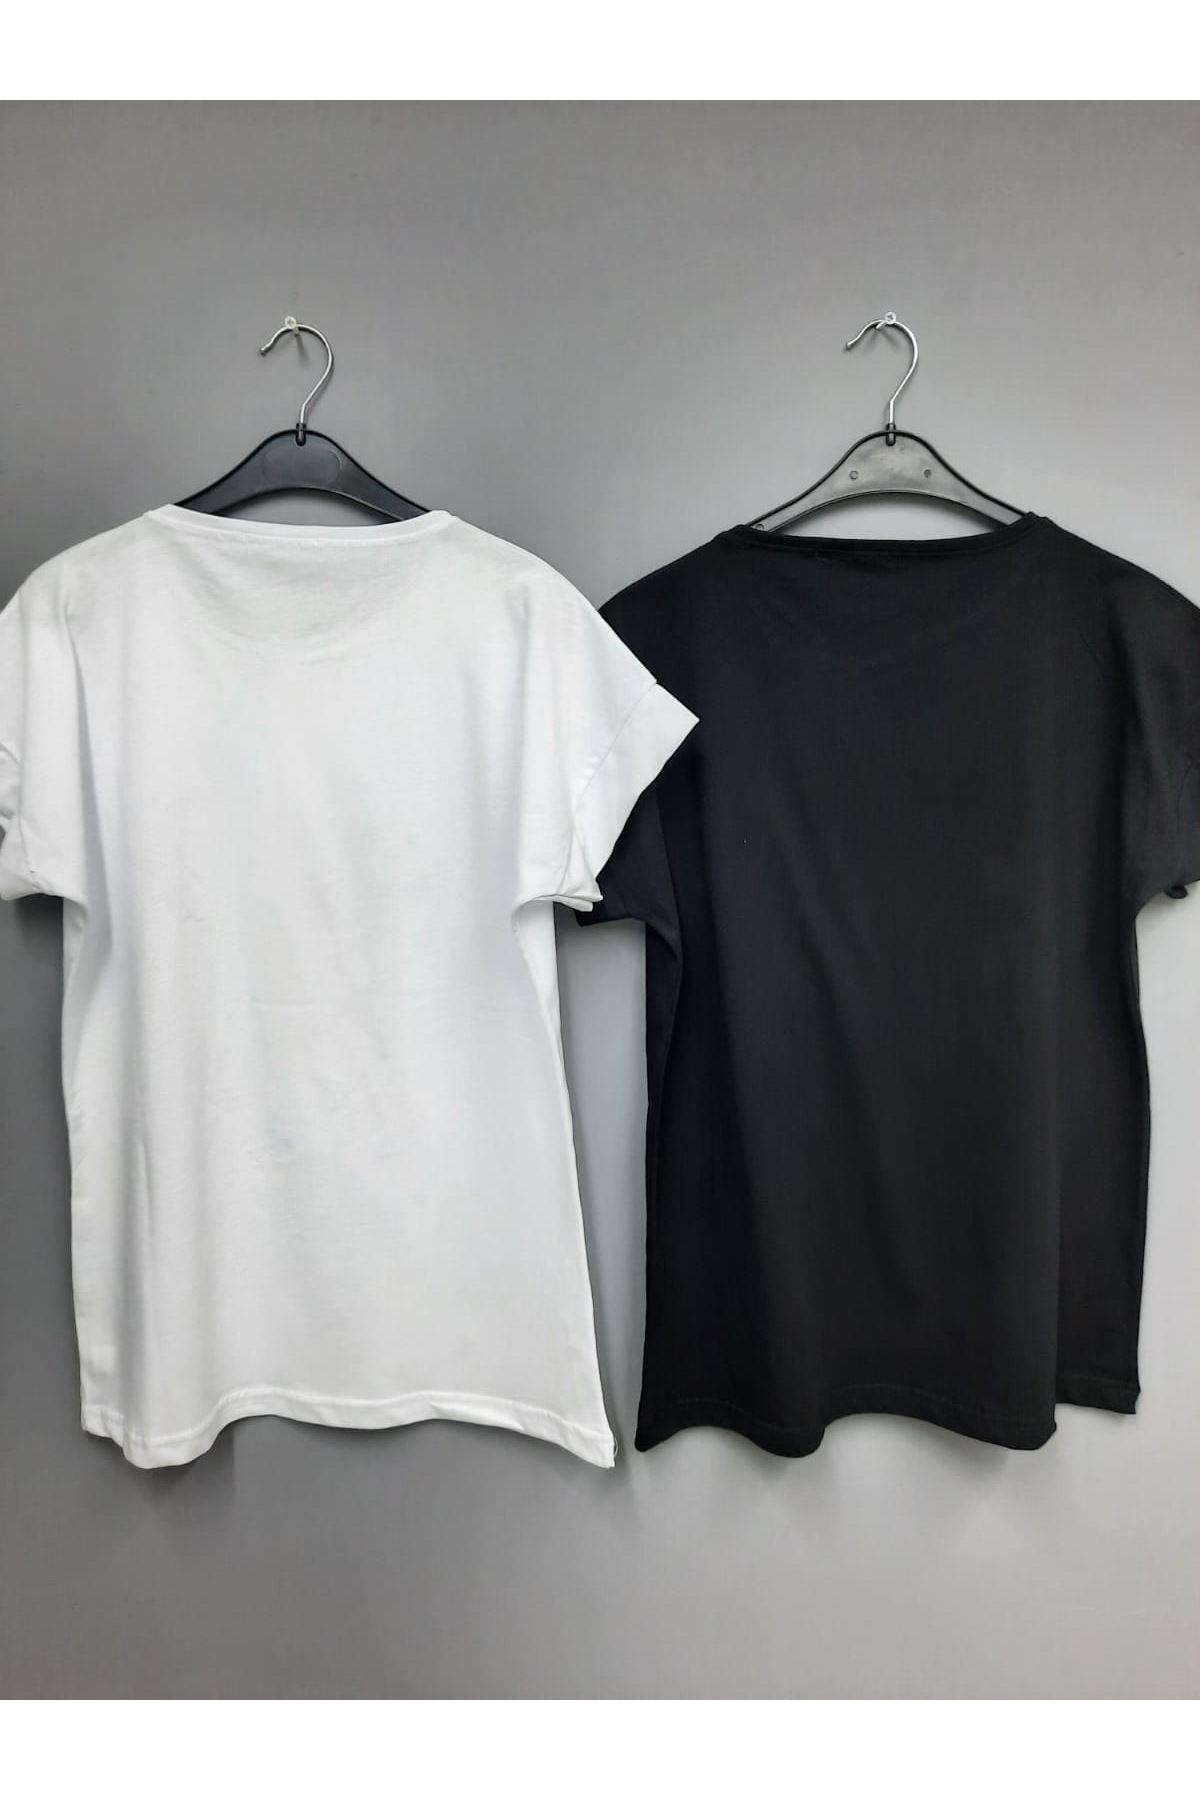 Üçlü Kalp Baskılı Tshirt - BEYAZ